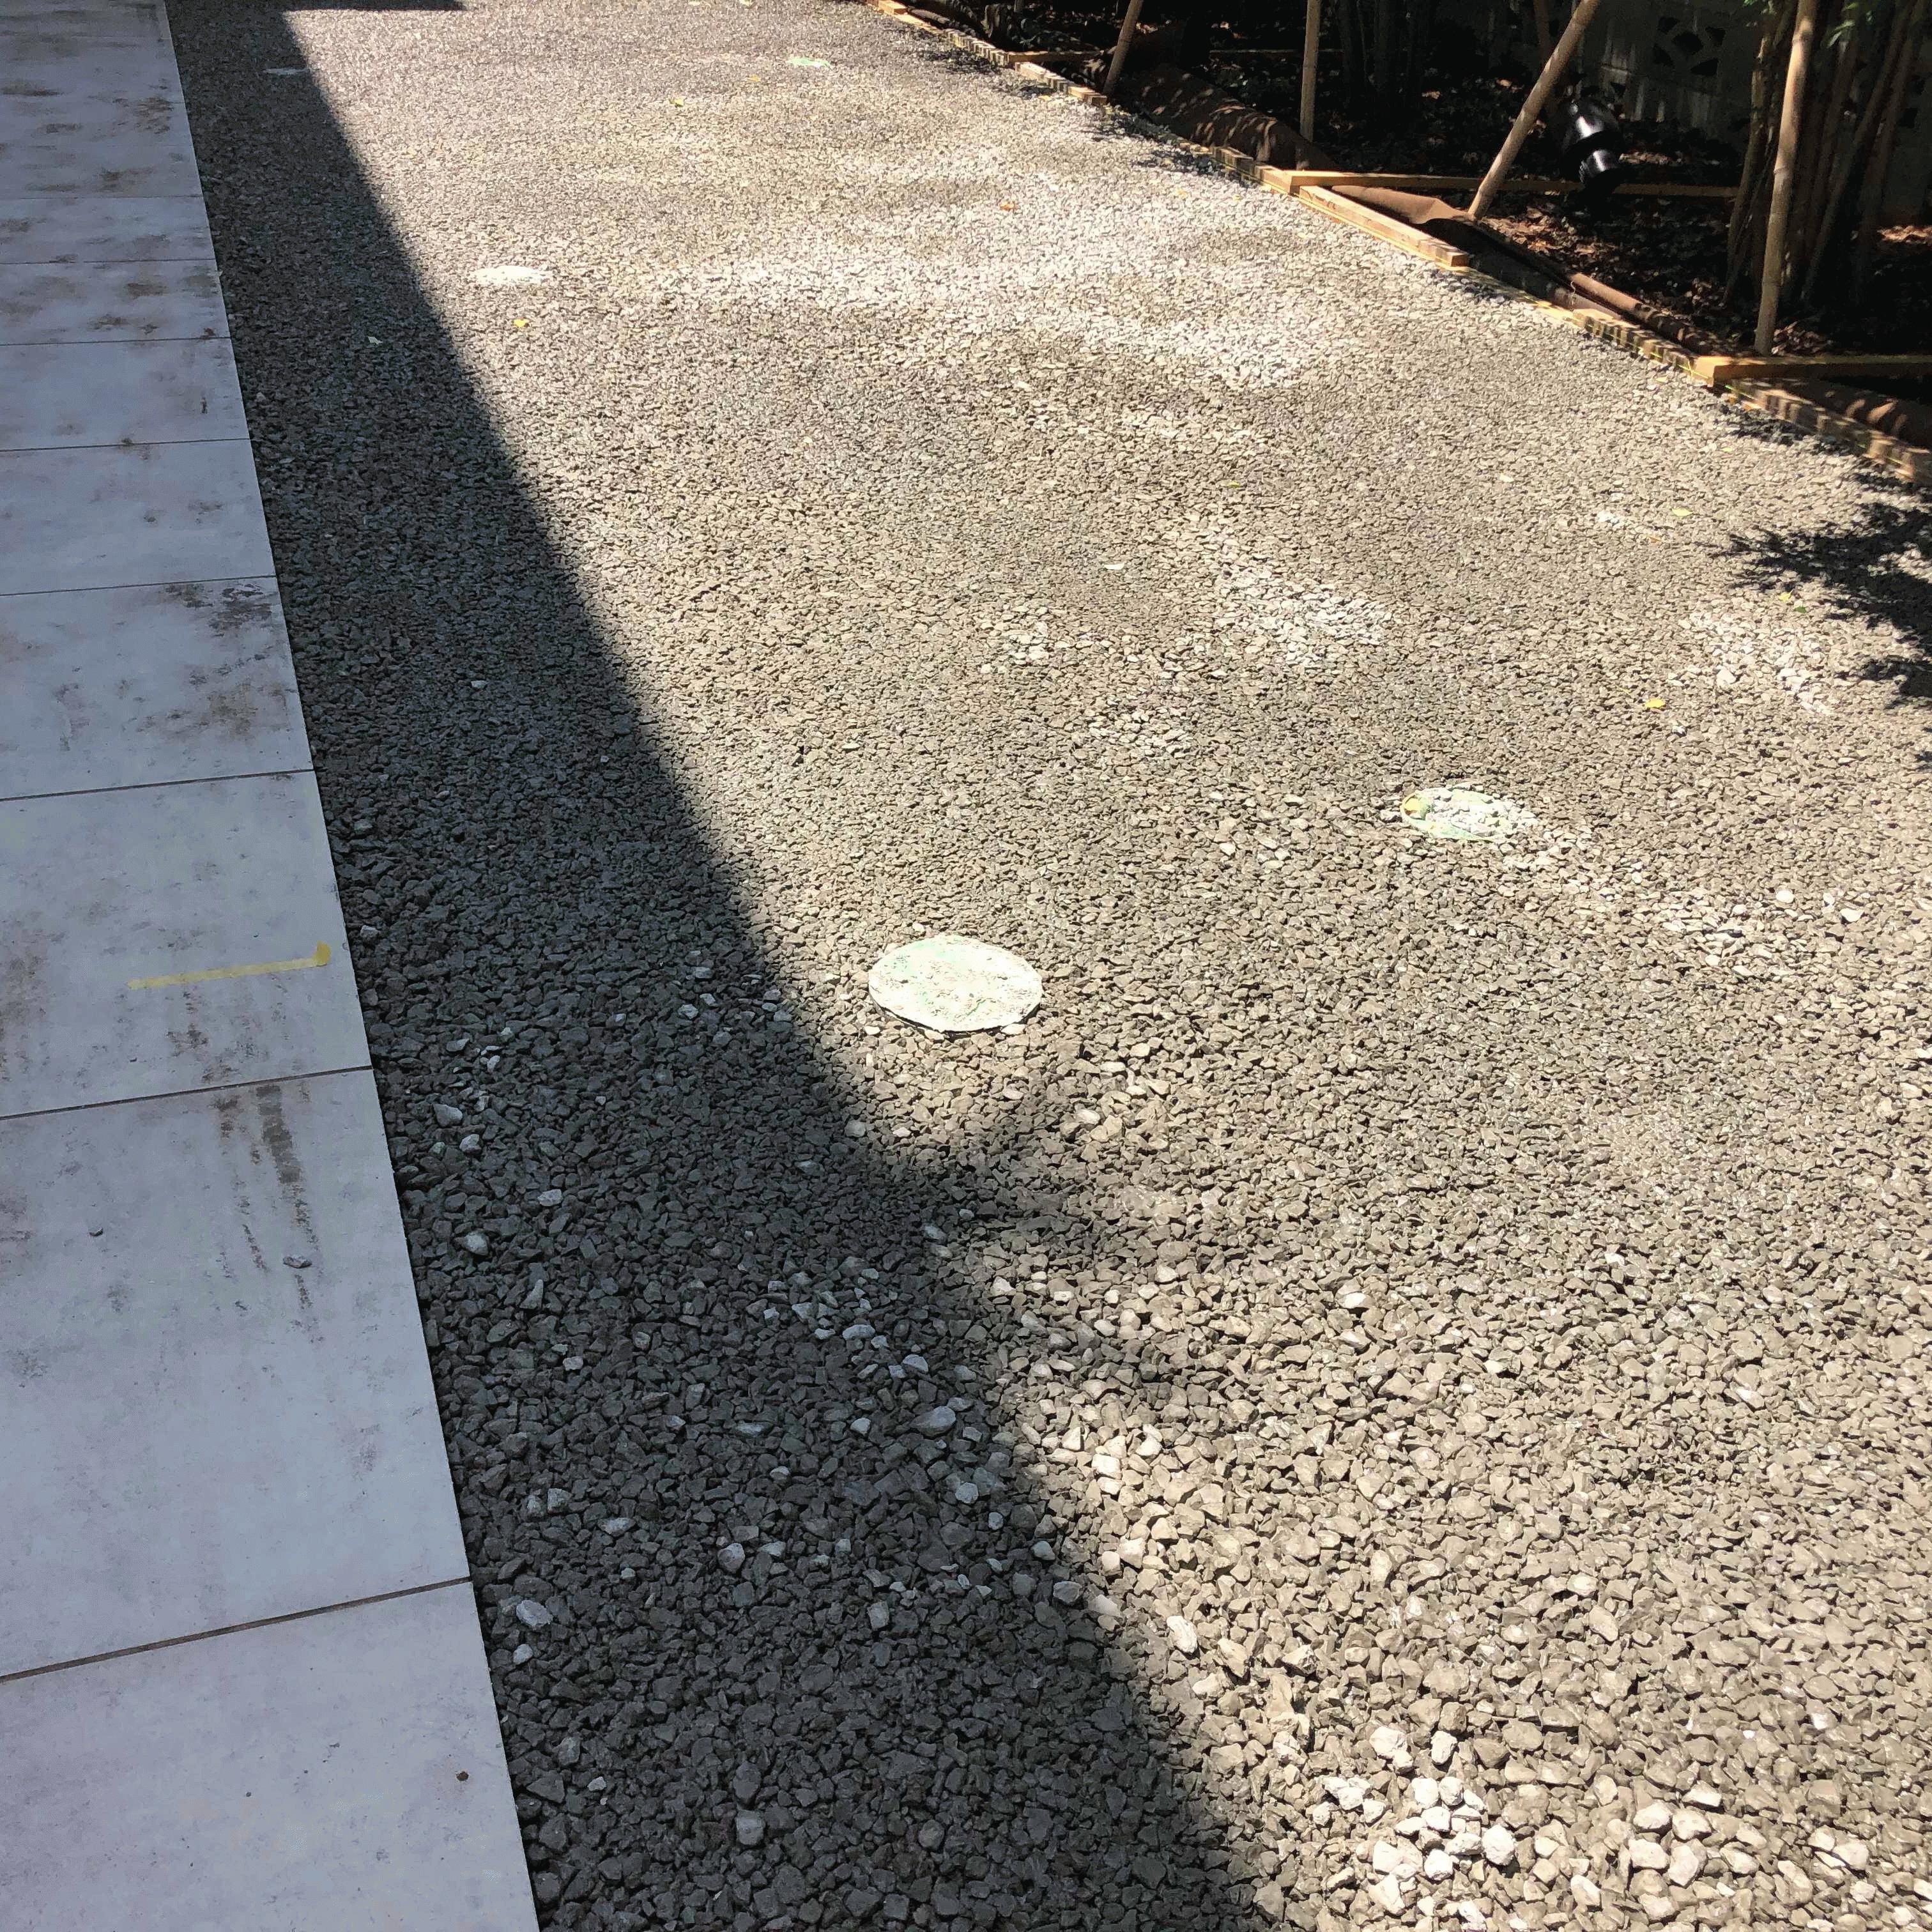 【東京】「芸能人宅に採用!」パット練習に何故透水性コンクリートなのか